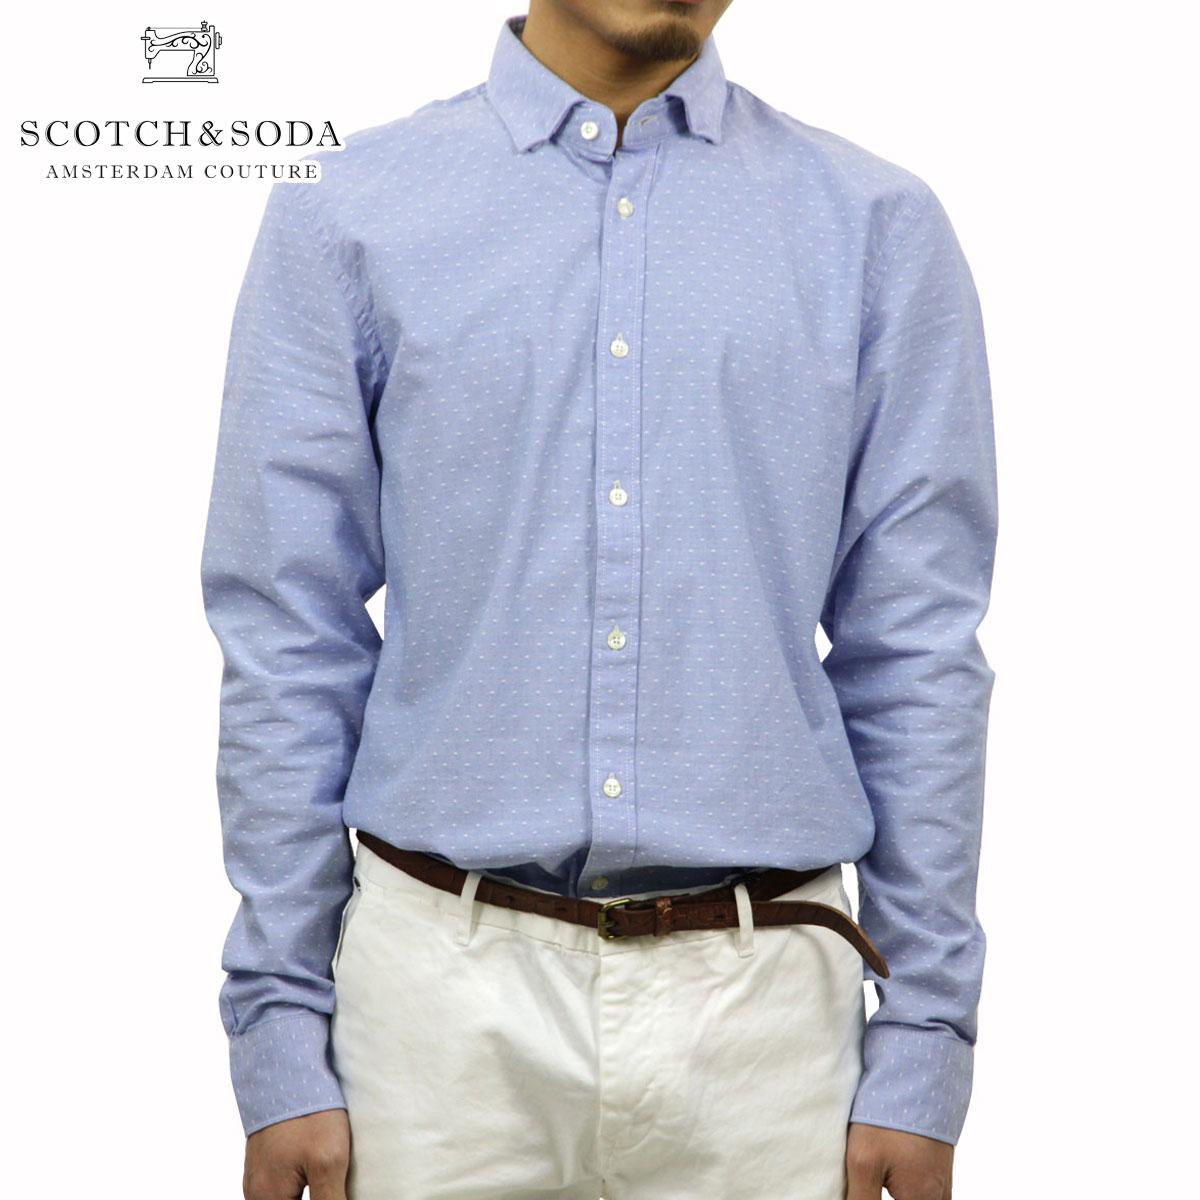 スコッチアンドソーダ SCOTCH&SODA 正規販売店 メンズ 長袖シャツ LONGSLEEVE SHIRT IN OXFORD DOBBY WEAVE 20042 A D00S20